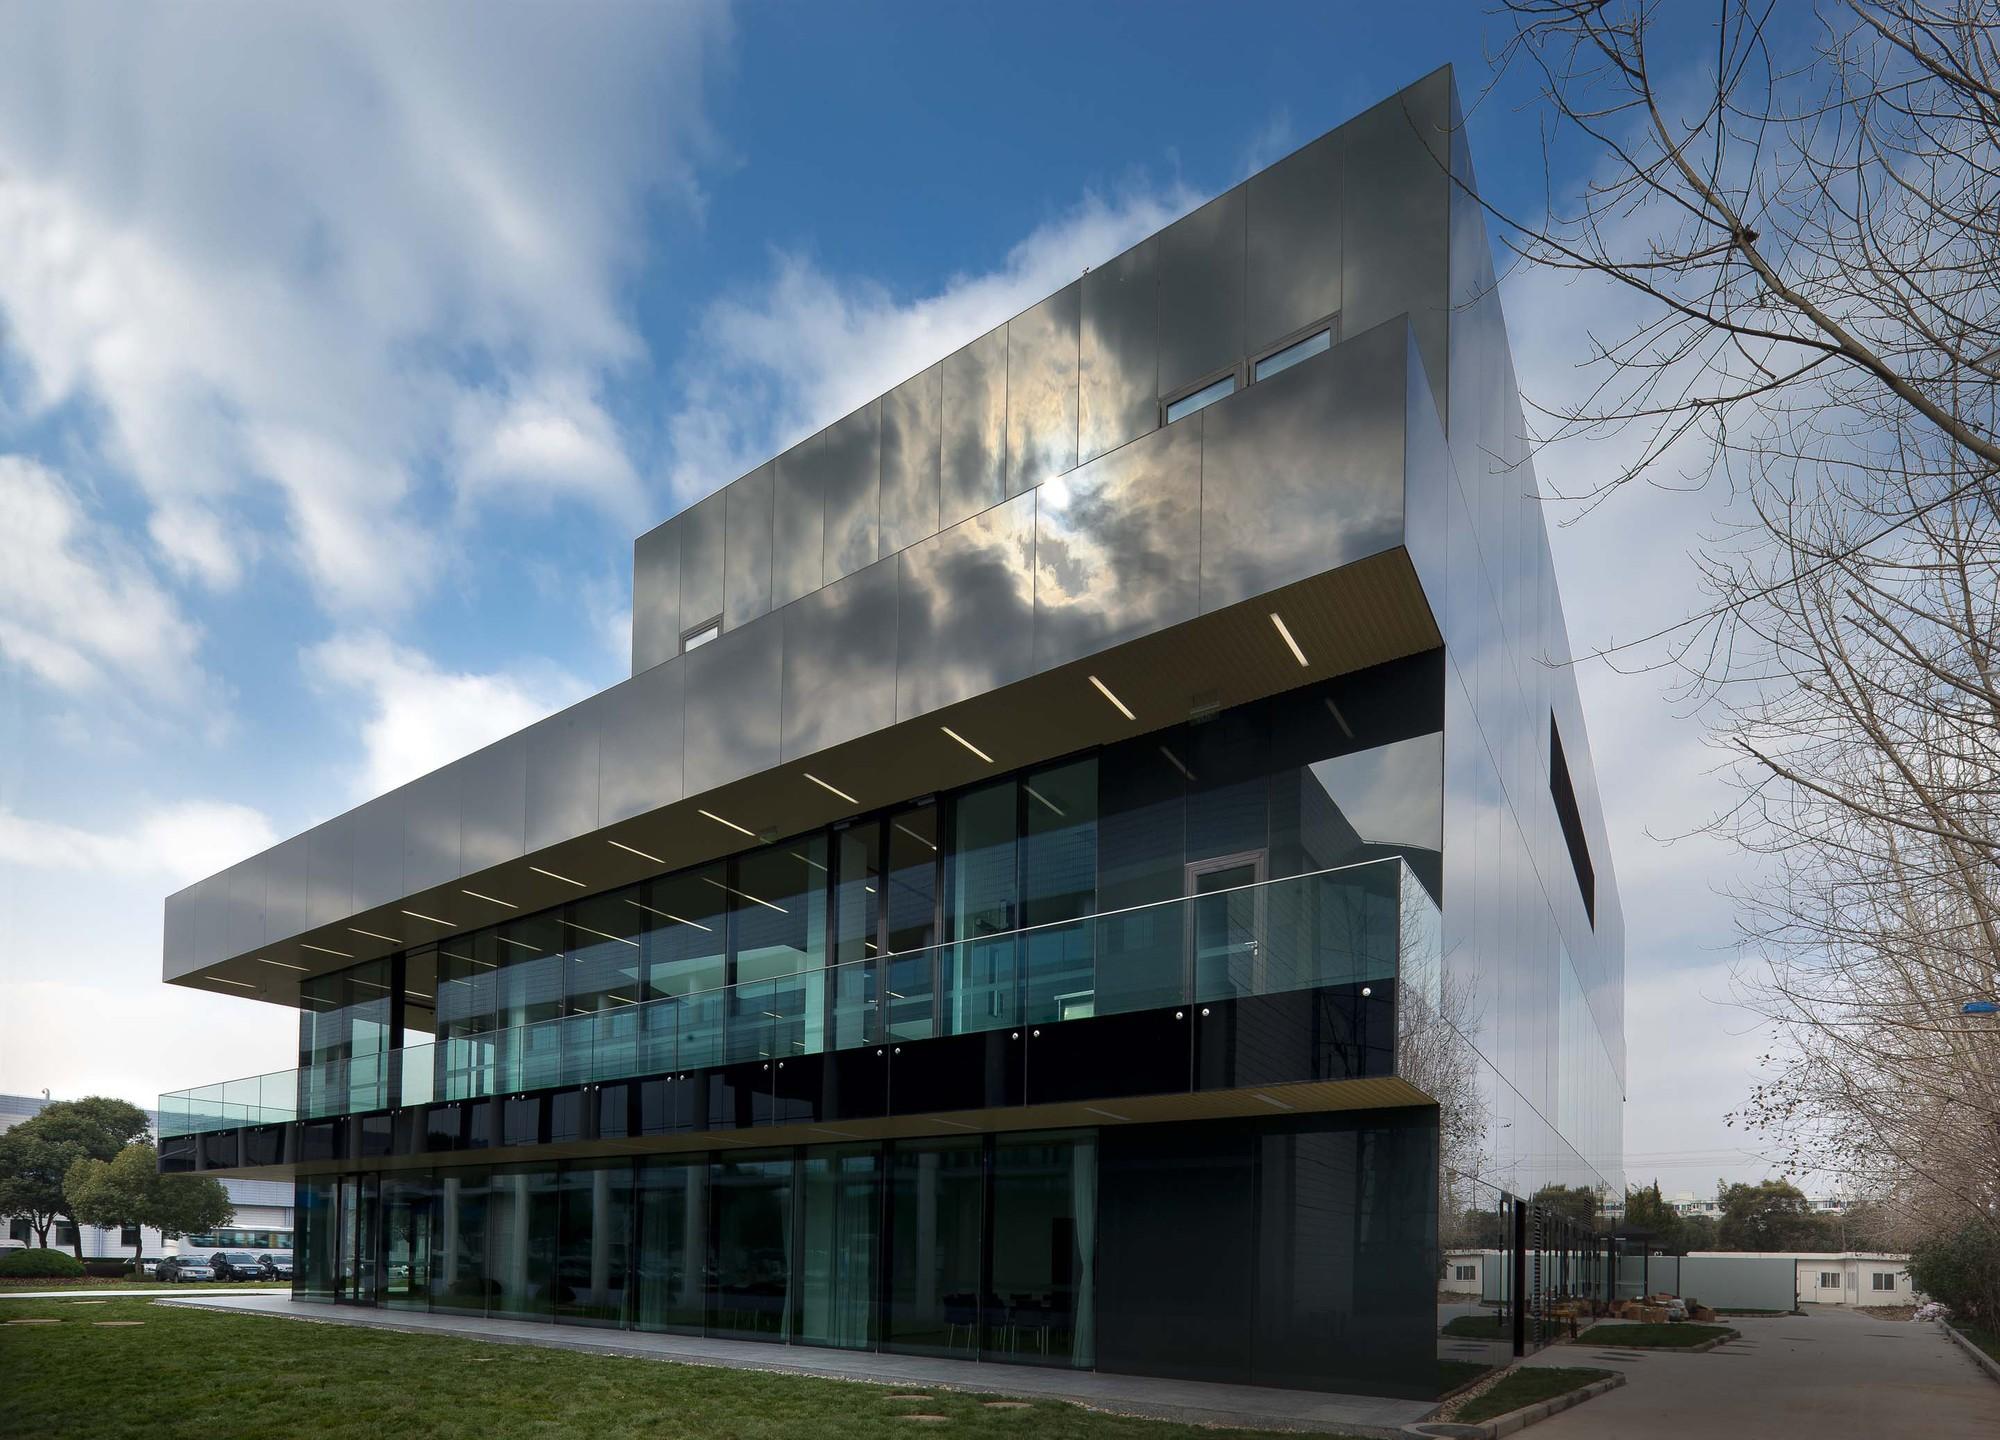 Roche Canteen / EXH Design, Courtesy of EXH Design